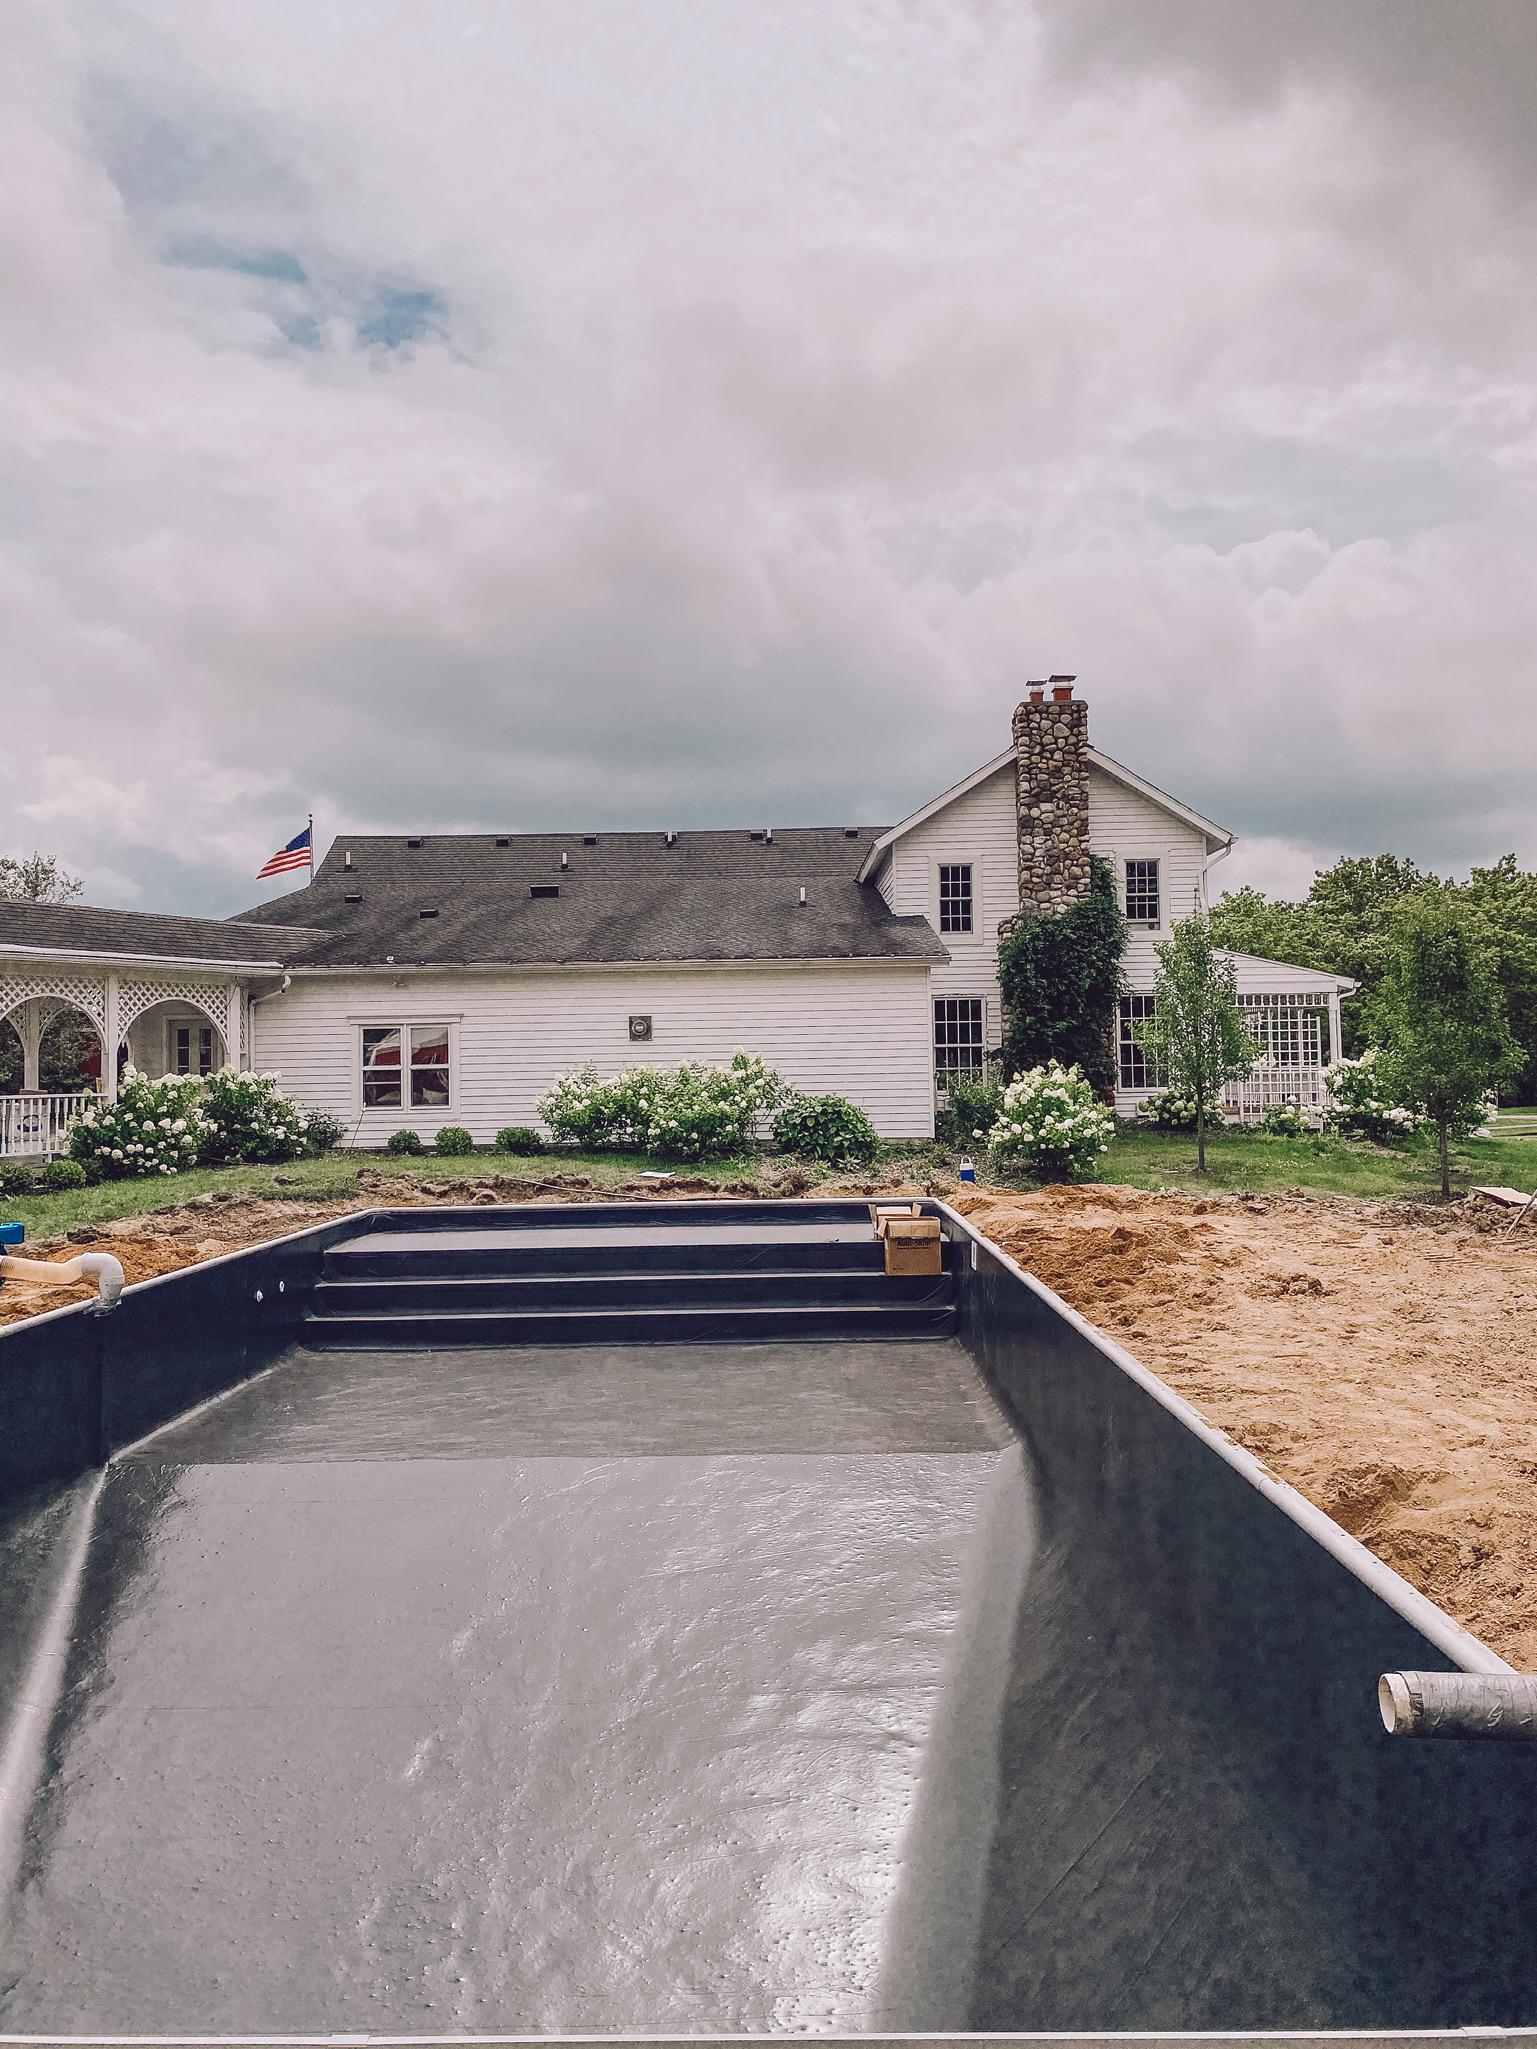 Perguntas frequentes sobre a piscina na fazenda - Liz Marie Blog 8